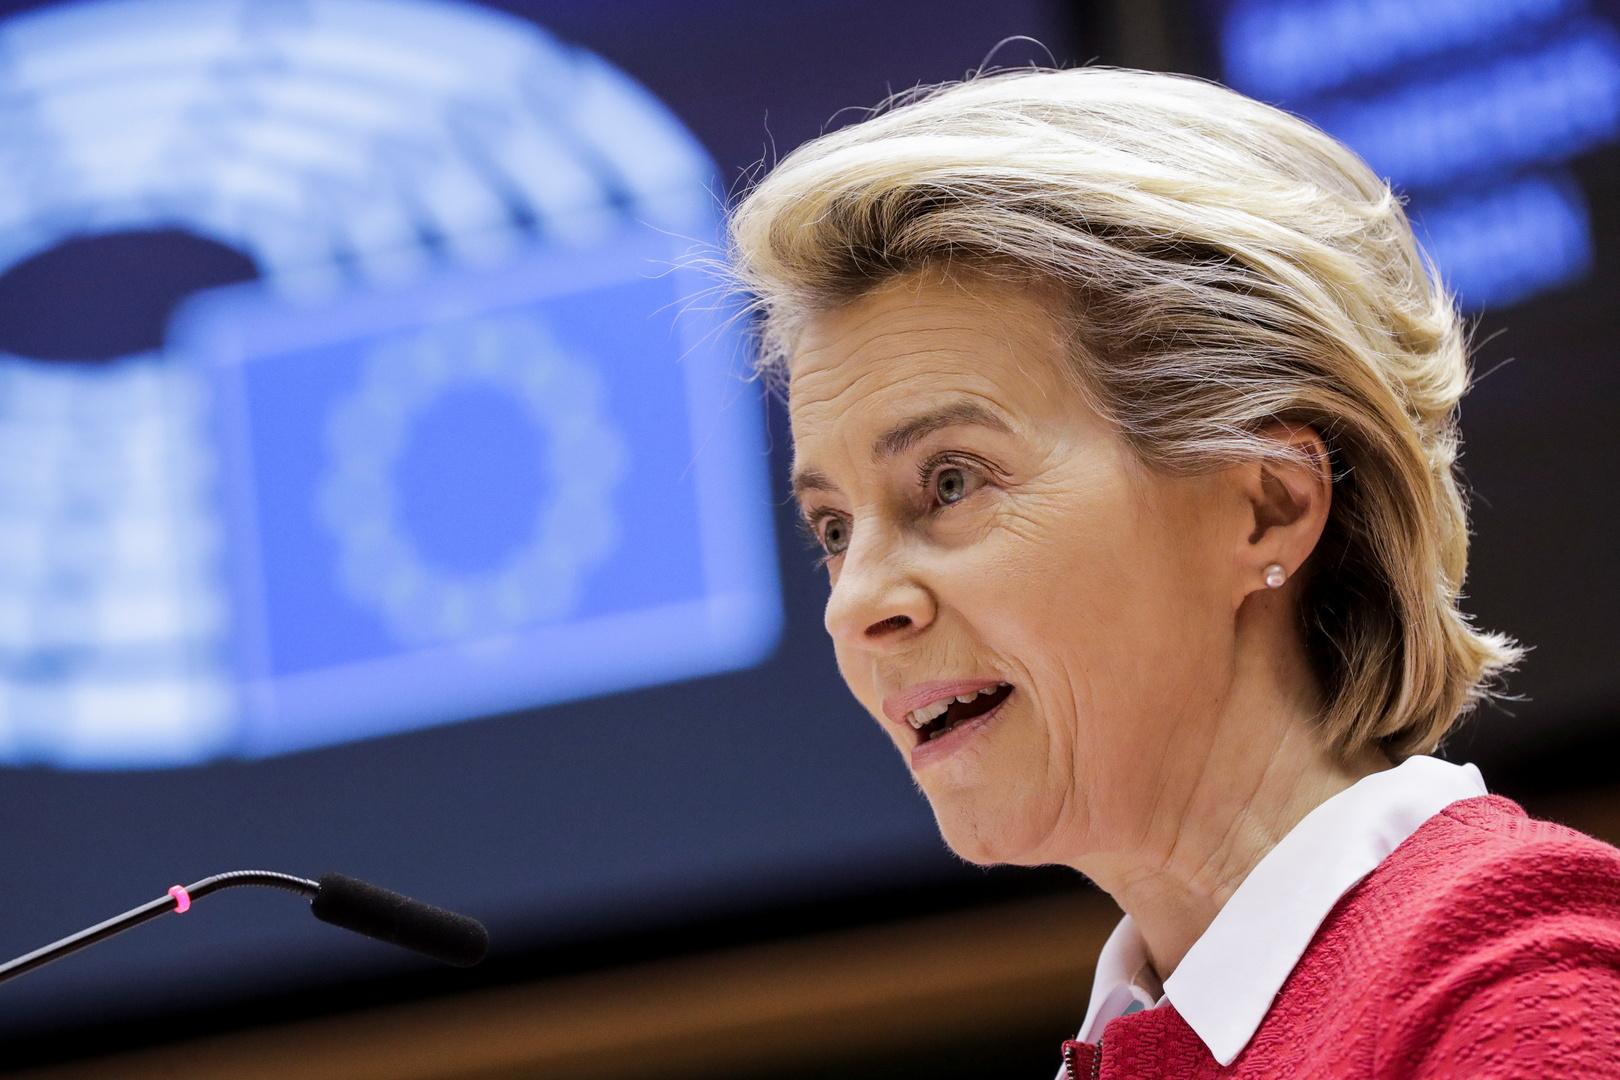 رئيسة المفوضية الأوروبية، أورسولا فون دير لاين.